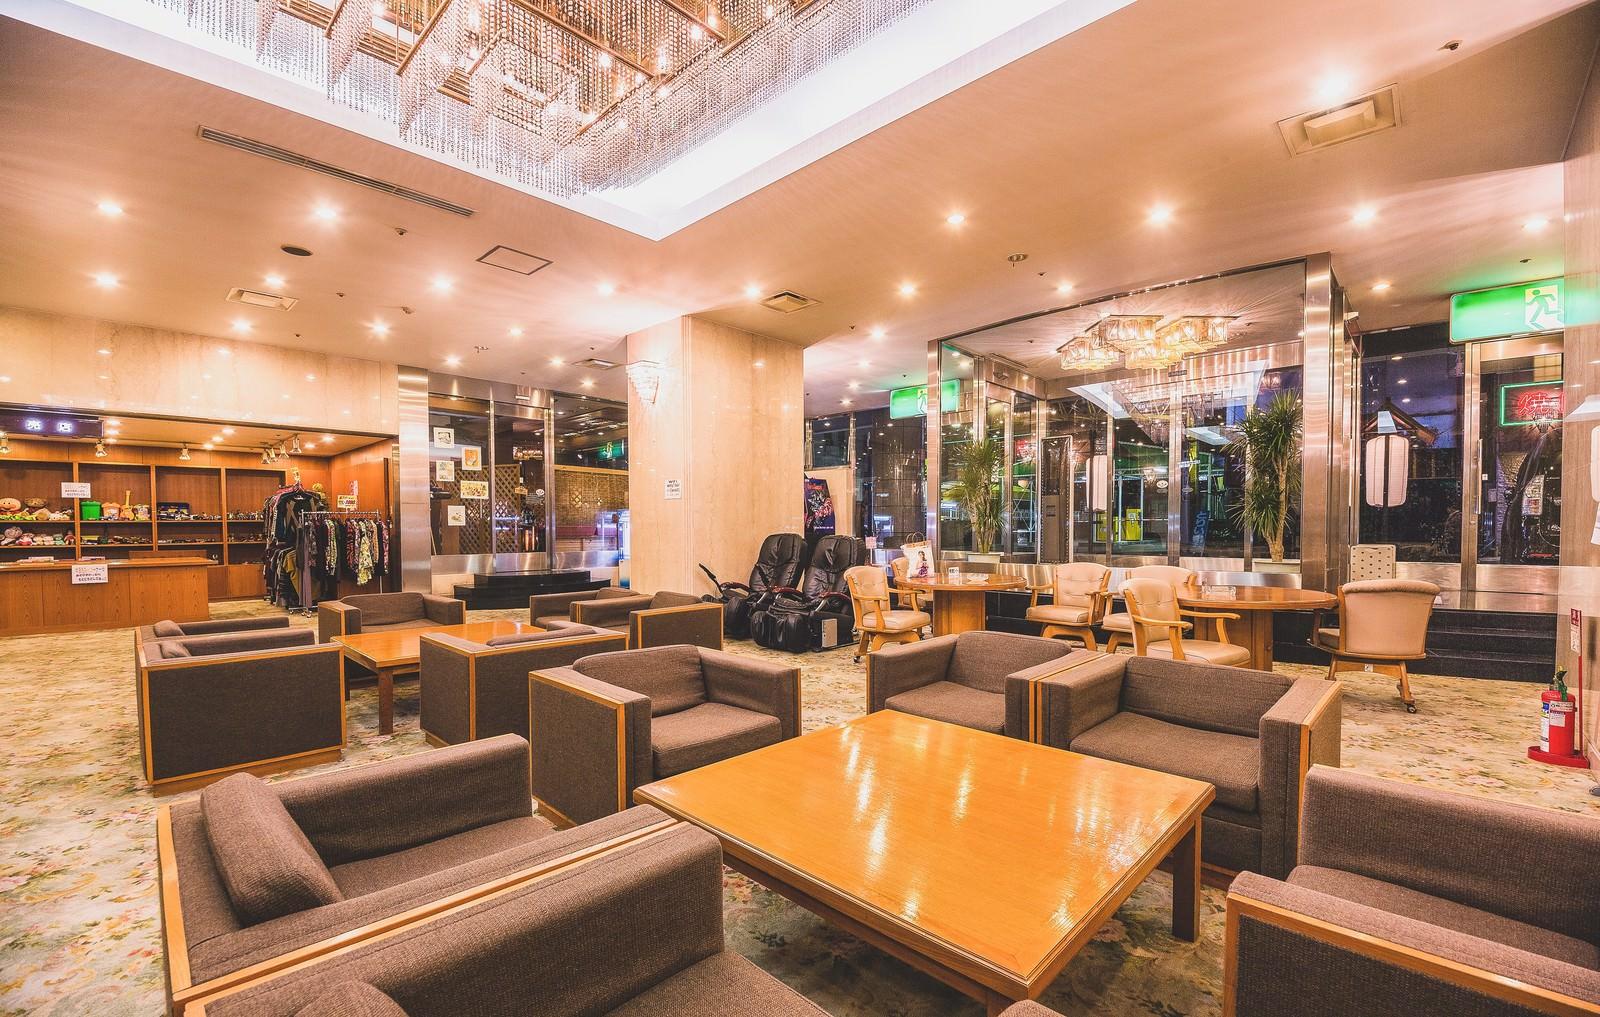 「ホテルの待ち合わせ用ロビーホテルの待ち合わせ用ロビー」のフリー写真素材を拡大